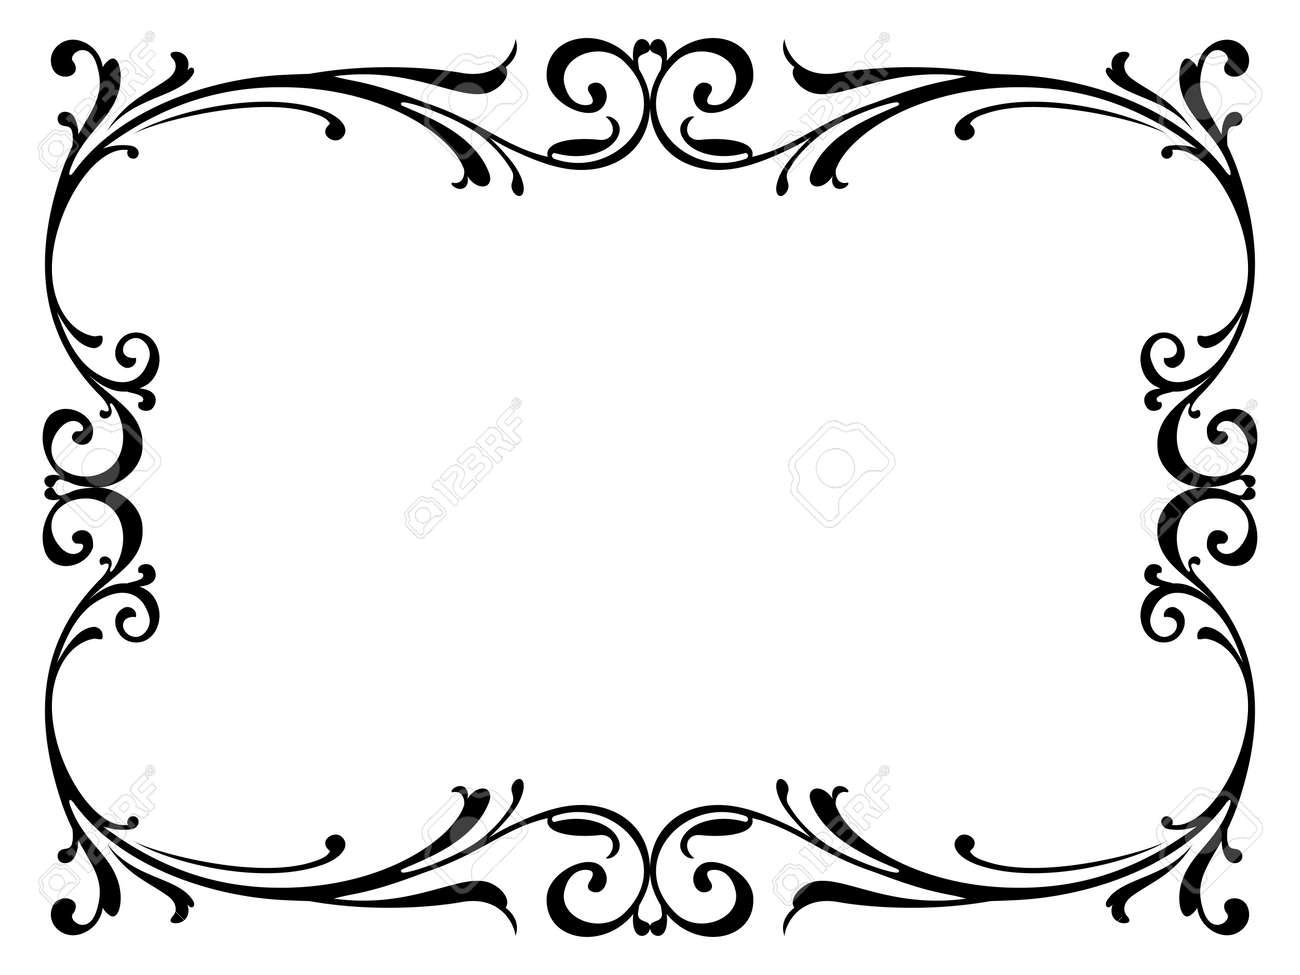 Encadrement Baroque calligraphie calligraphie bouclés cadre baroque noir isolé clip art